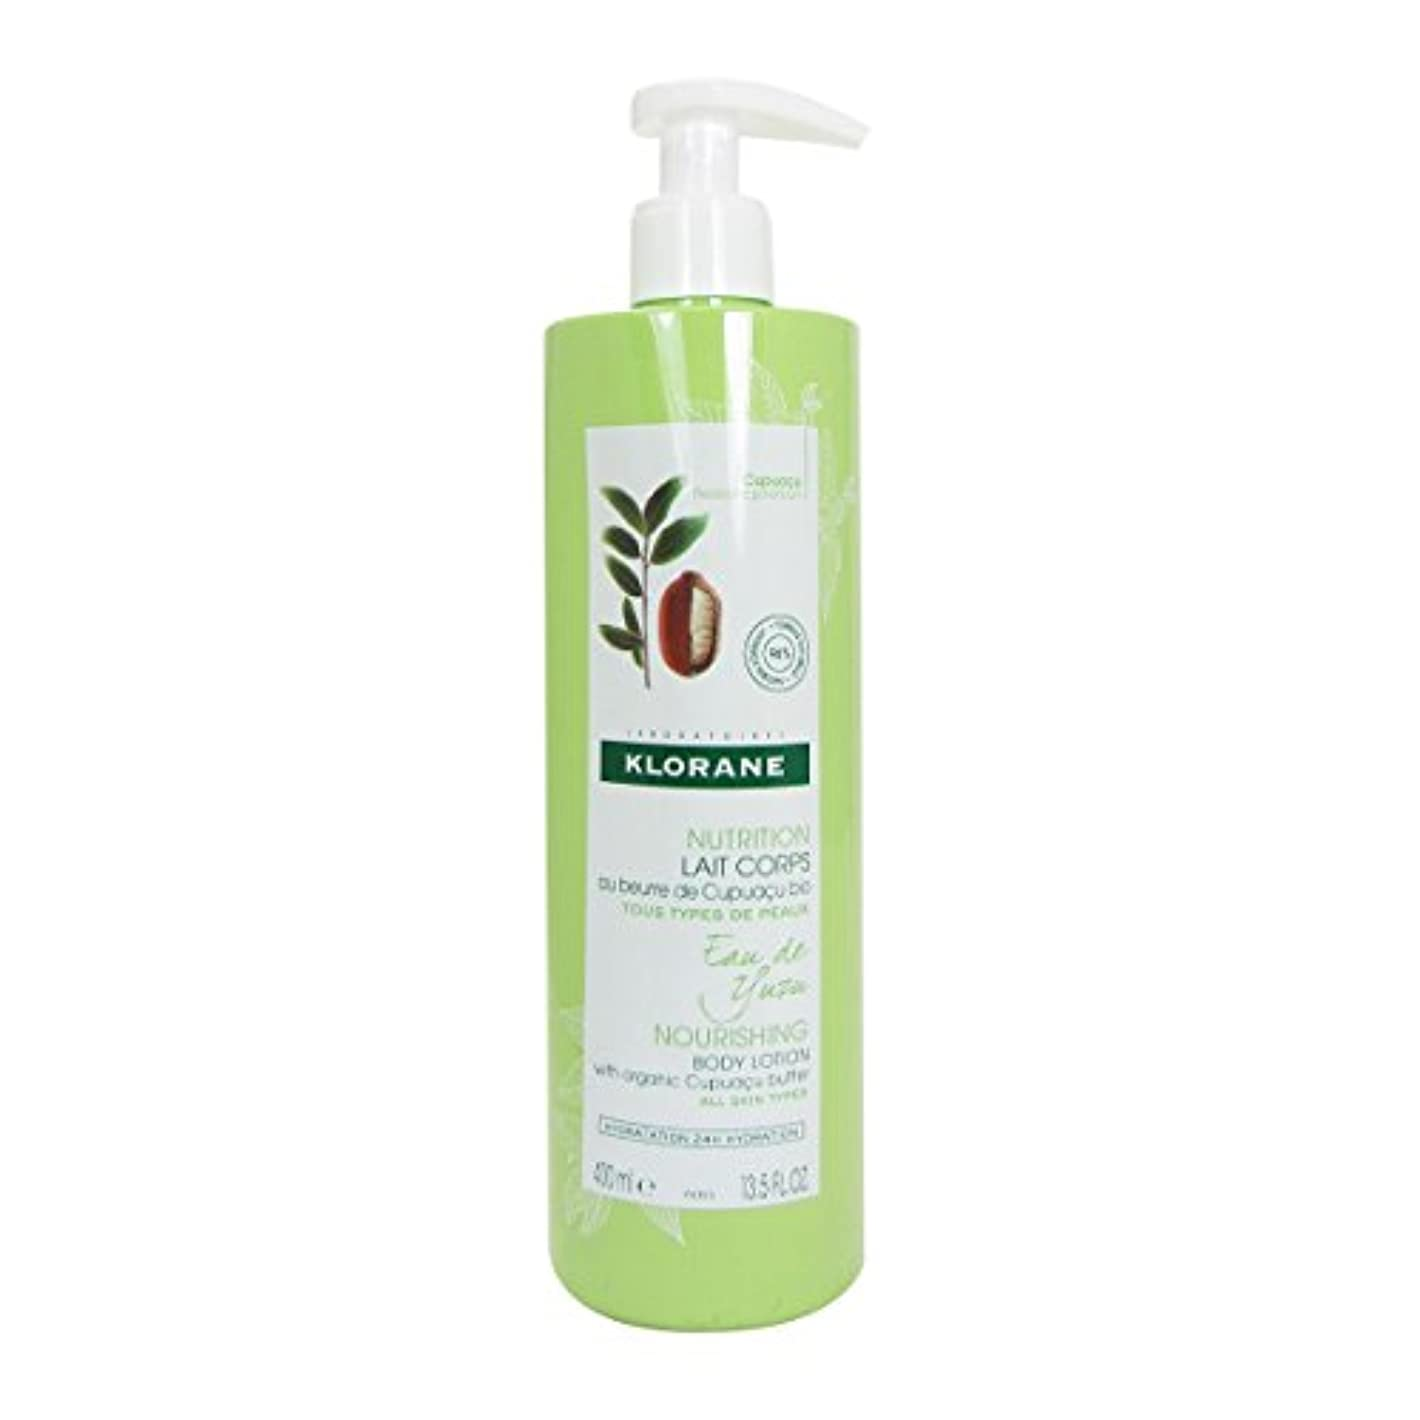 変更可能テセウス人気のKlorane Nutrition Yuzu Water Body Milk 400ml [並行輸入品]